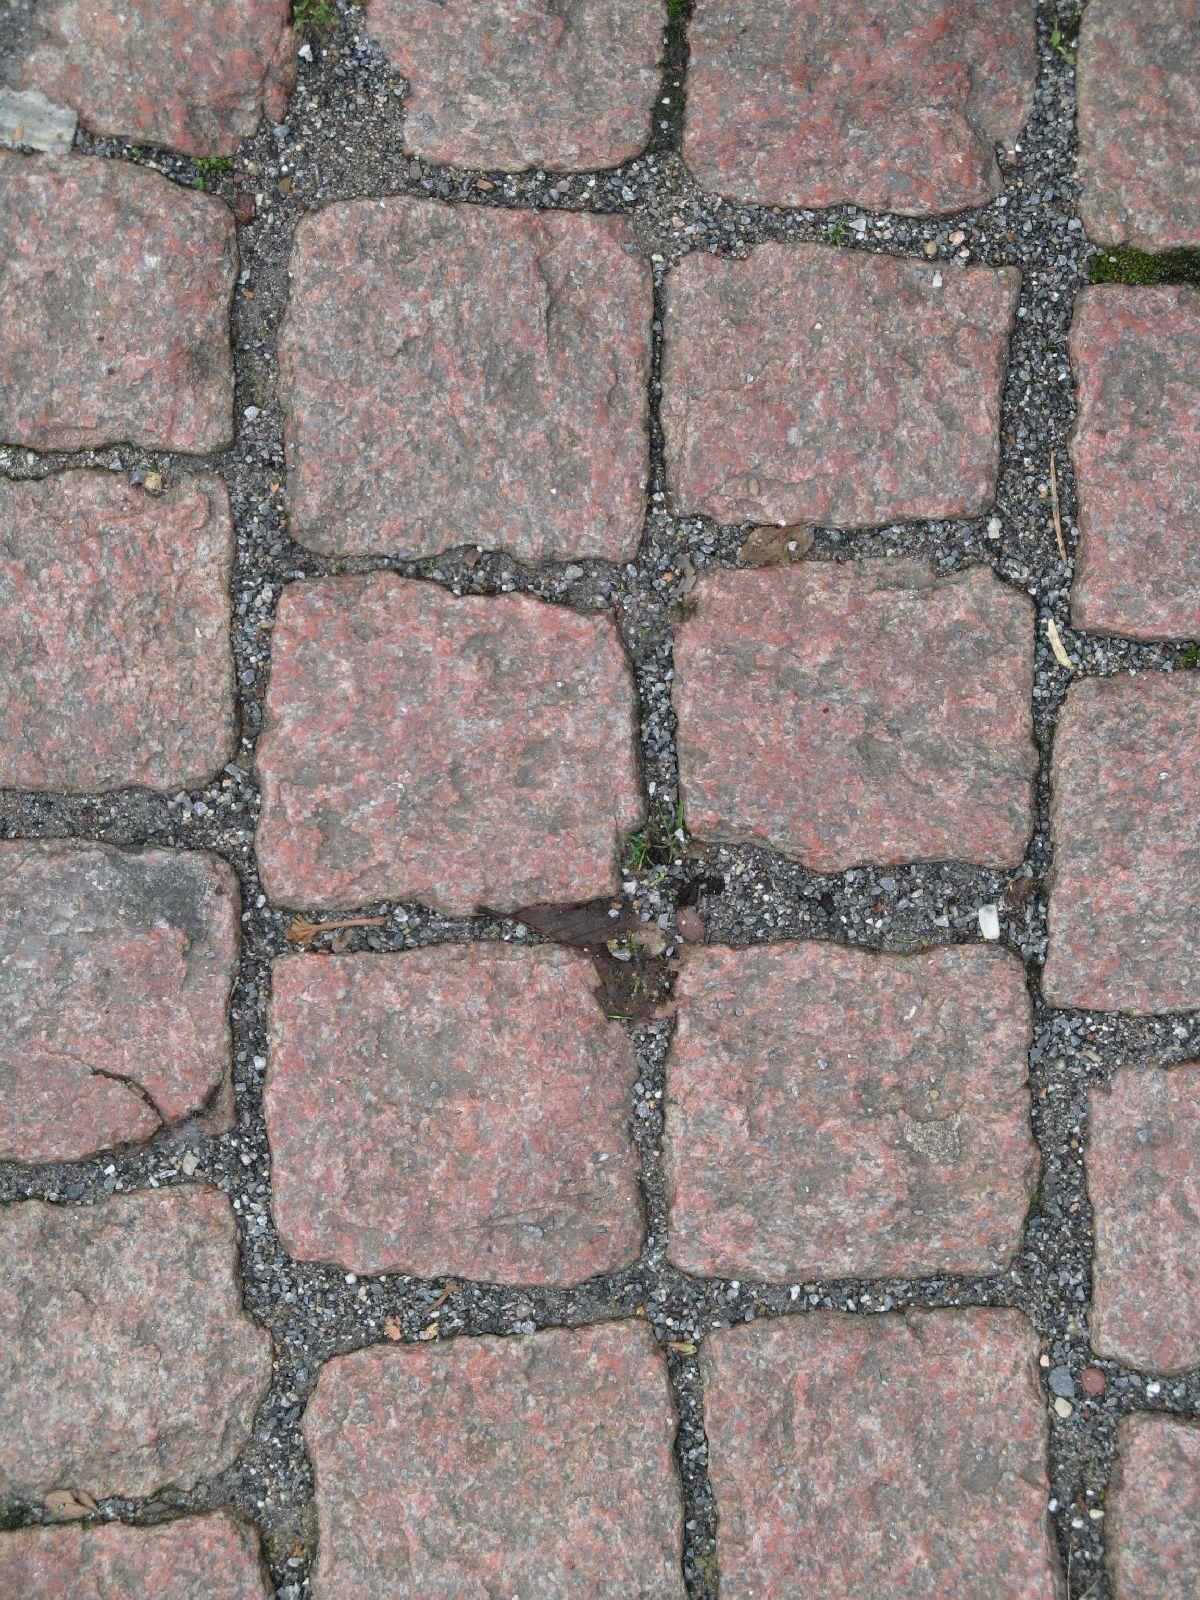 Ground-Urban_Texture_B_02447